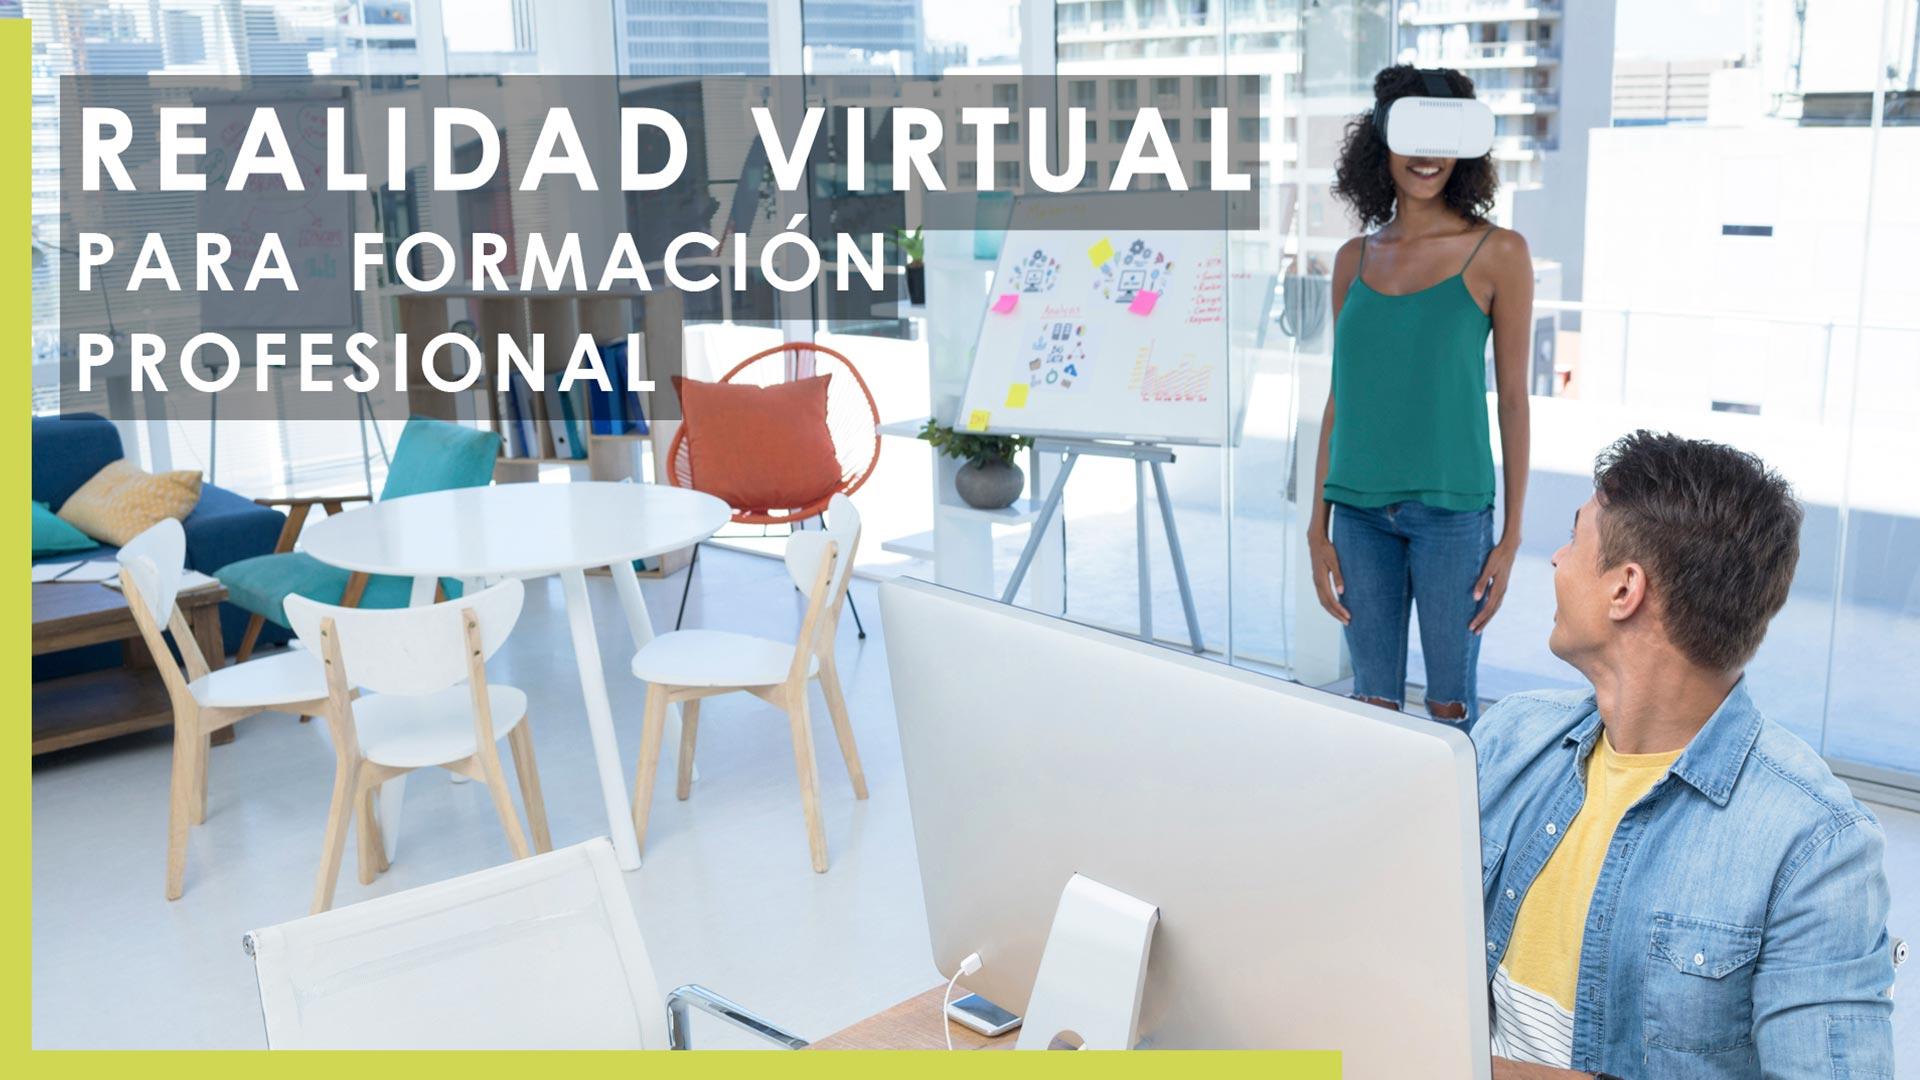 FORMACIÓN con REALIDAD VIRTUAL | VR para la industria